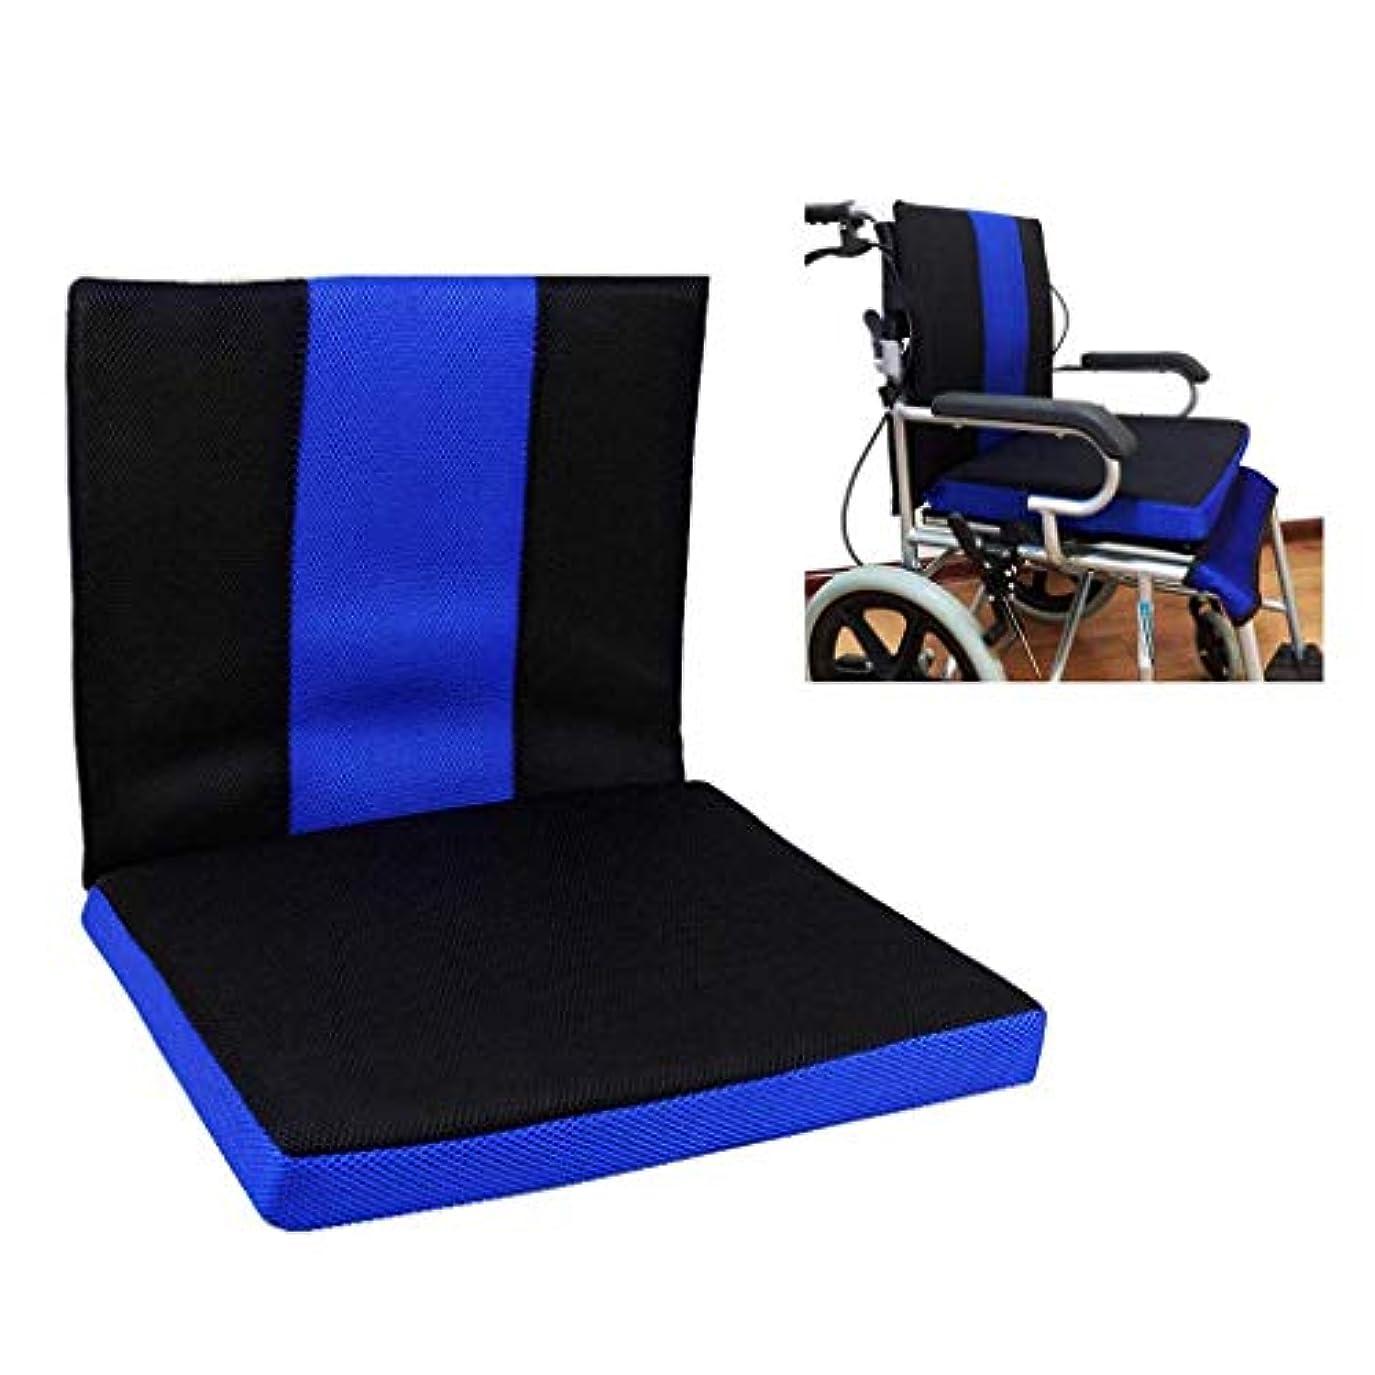 凝視副産物入射車椅子のクッション、アンチ褥瘡ハニカムクッション通気性の快適車椅子戻るオックスフォード布素材のクッション